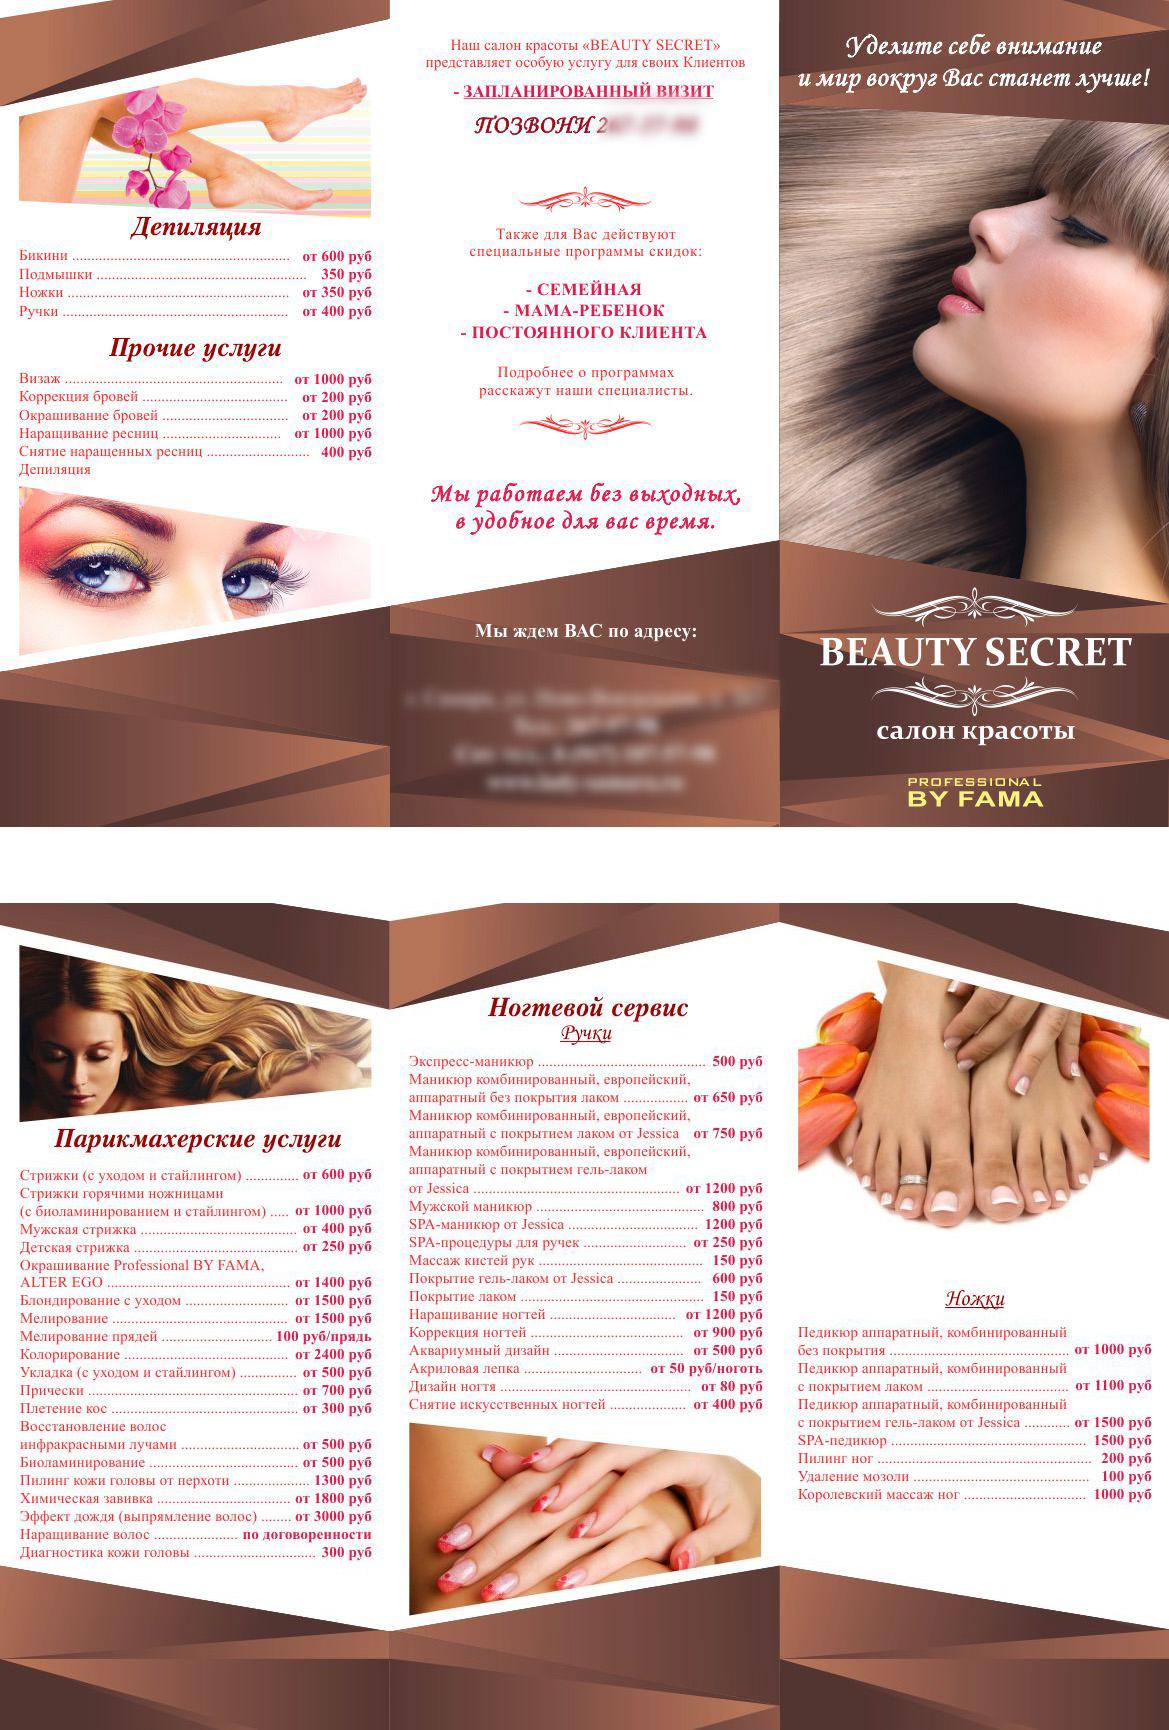 Реклама для клиентов в салонах красоты 194